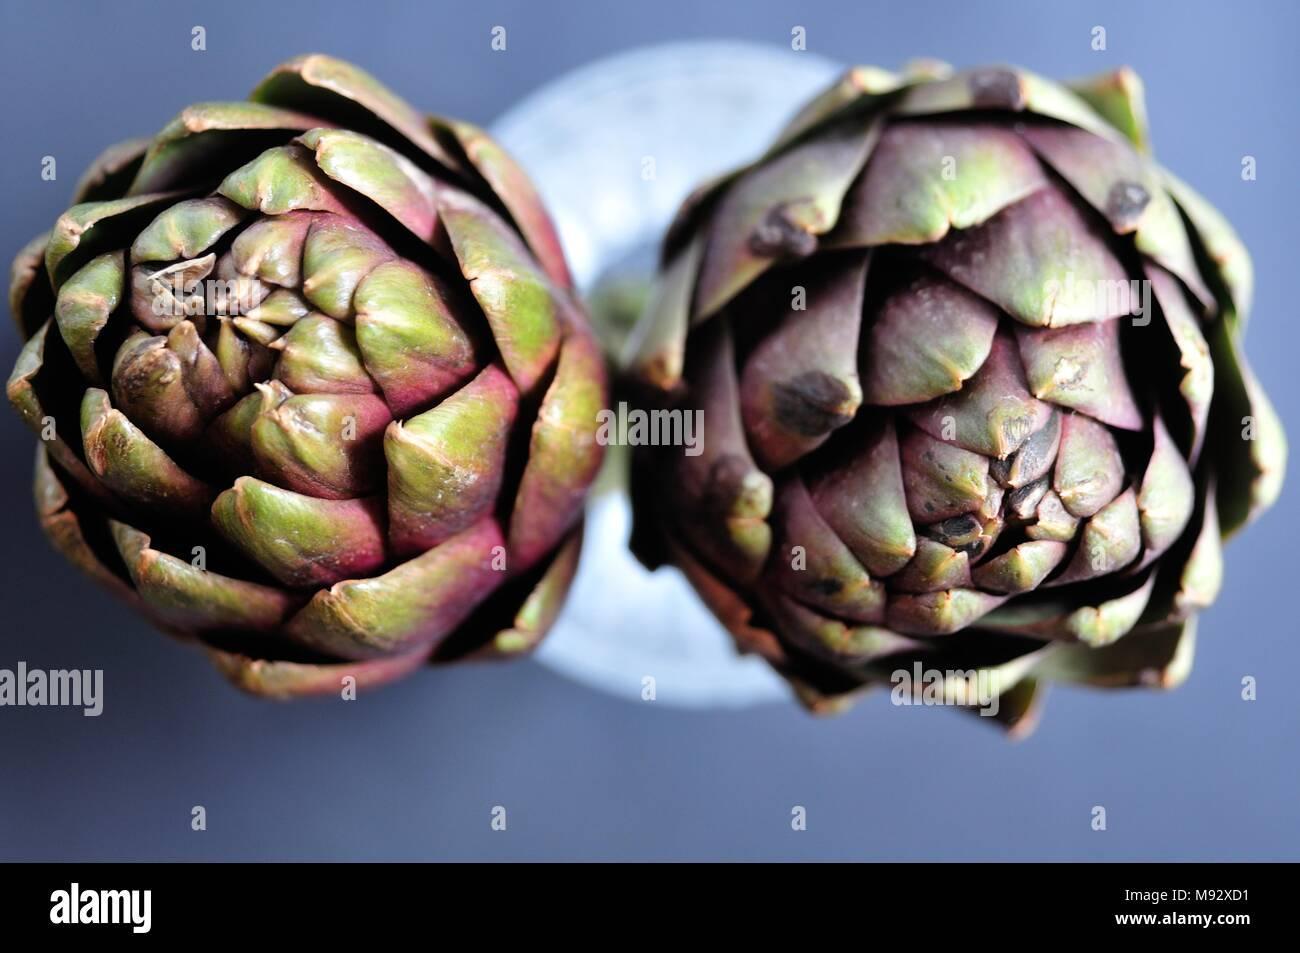 Deux artichauts bio vert sur fond gris, vue d'en haut. Suivre un régime sain et d'antioxydants de légumes. Photo Stock